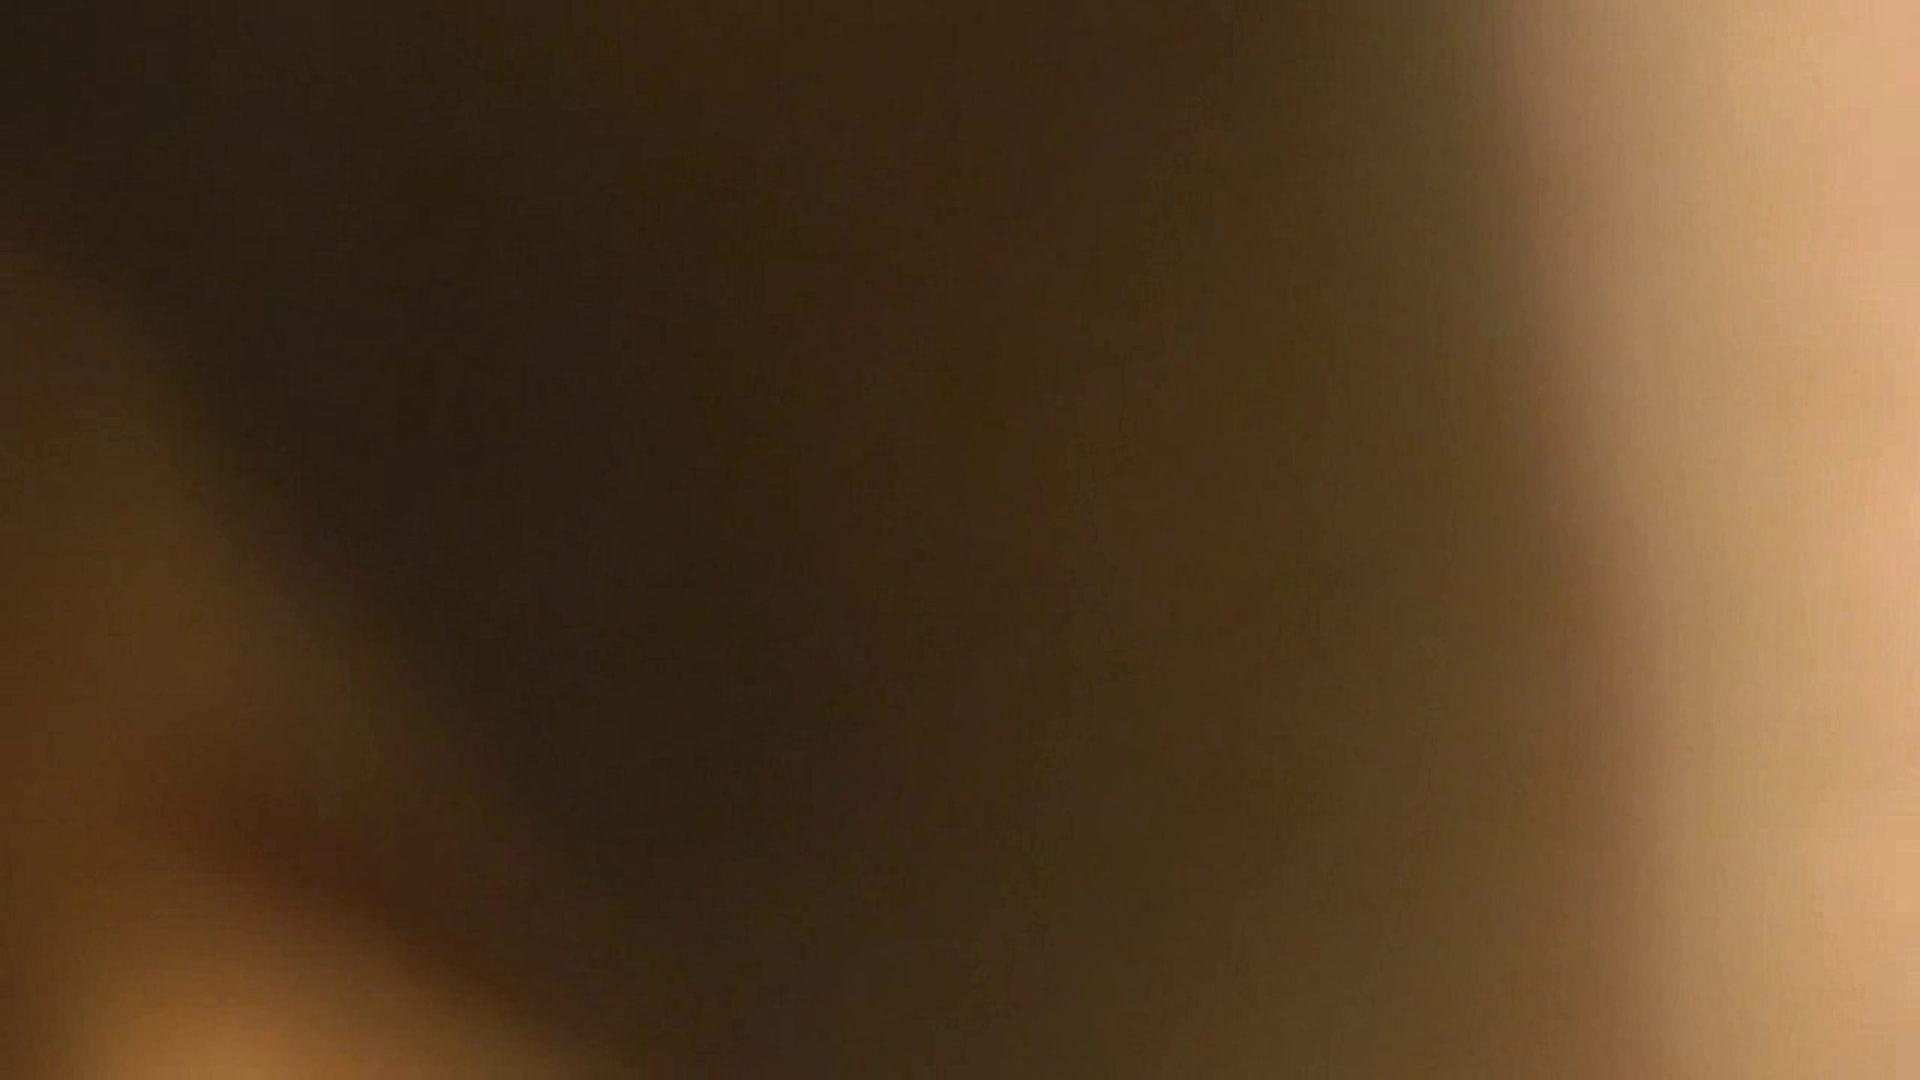 vol.1 Mayumi 窓越しに入浴シーン撮影に成功 入浴中の女性   OLのボディ  57PIX 37